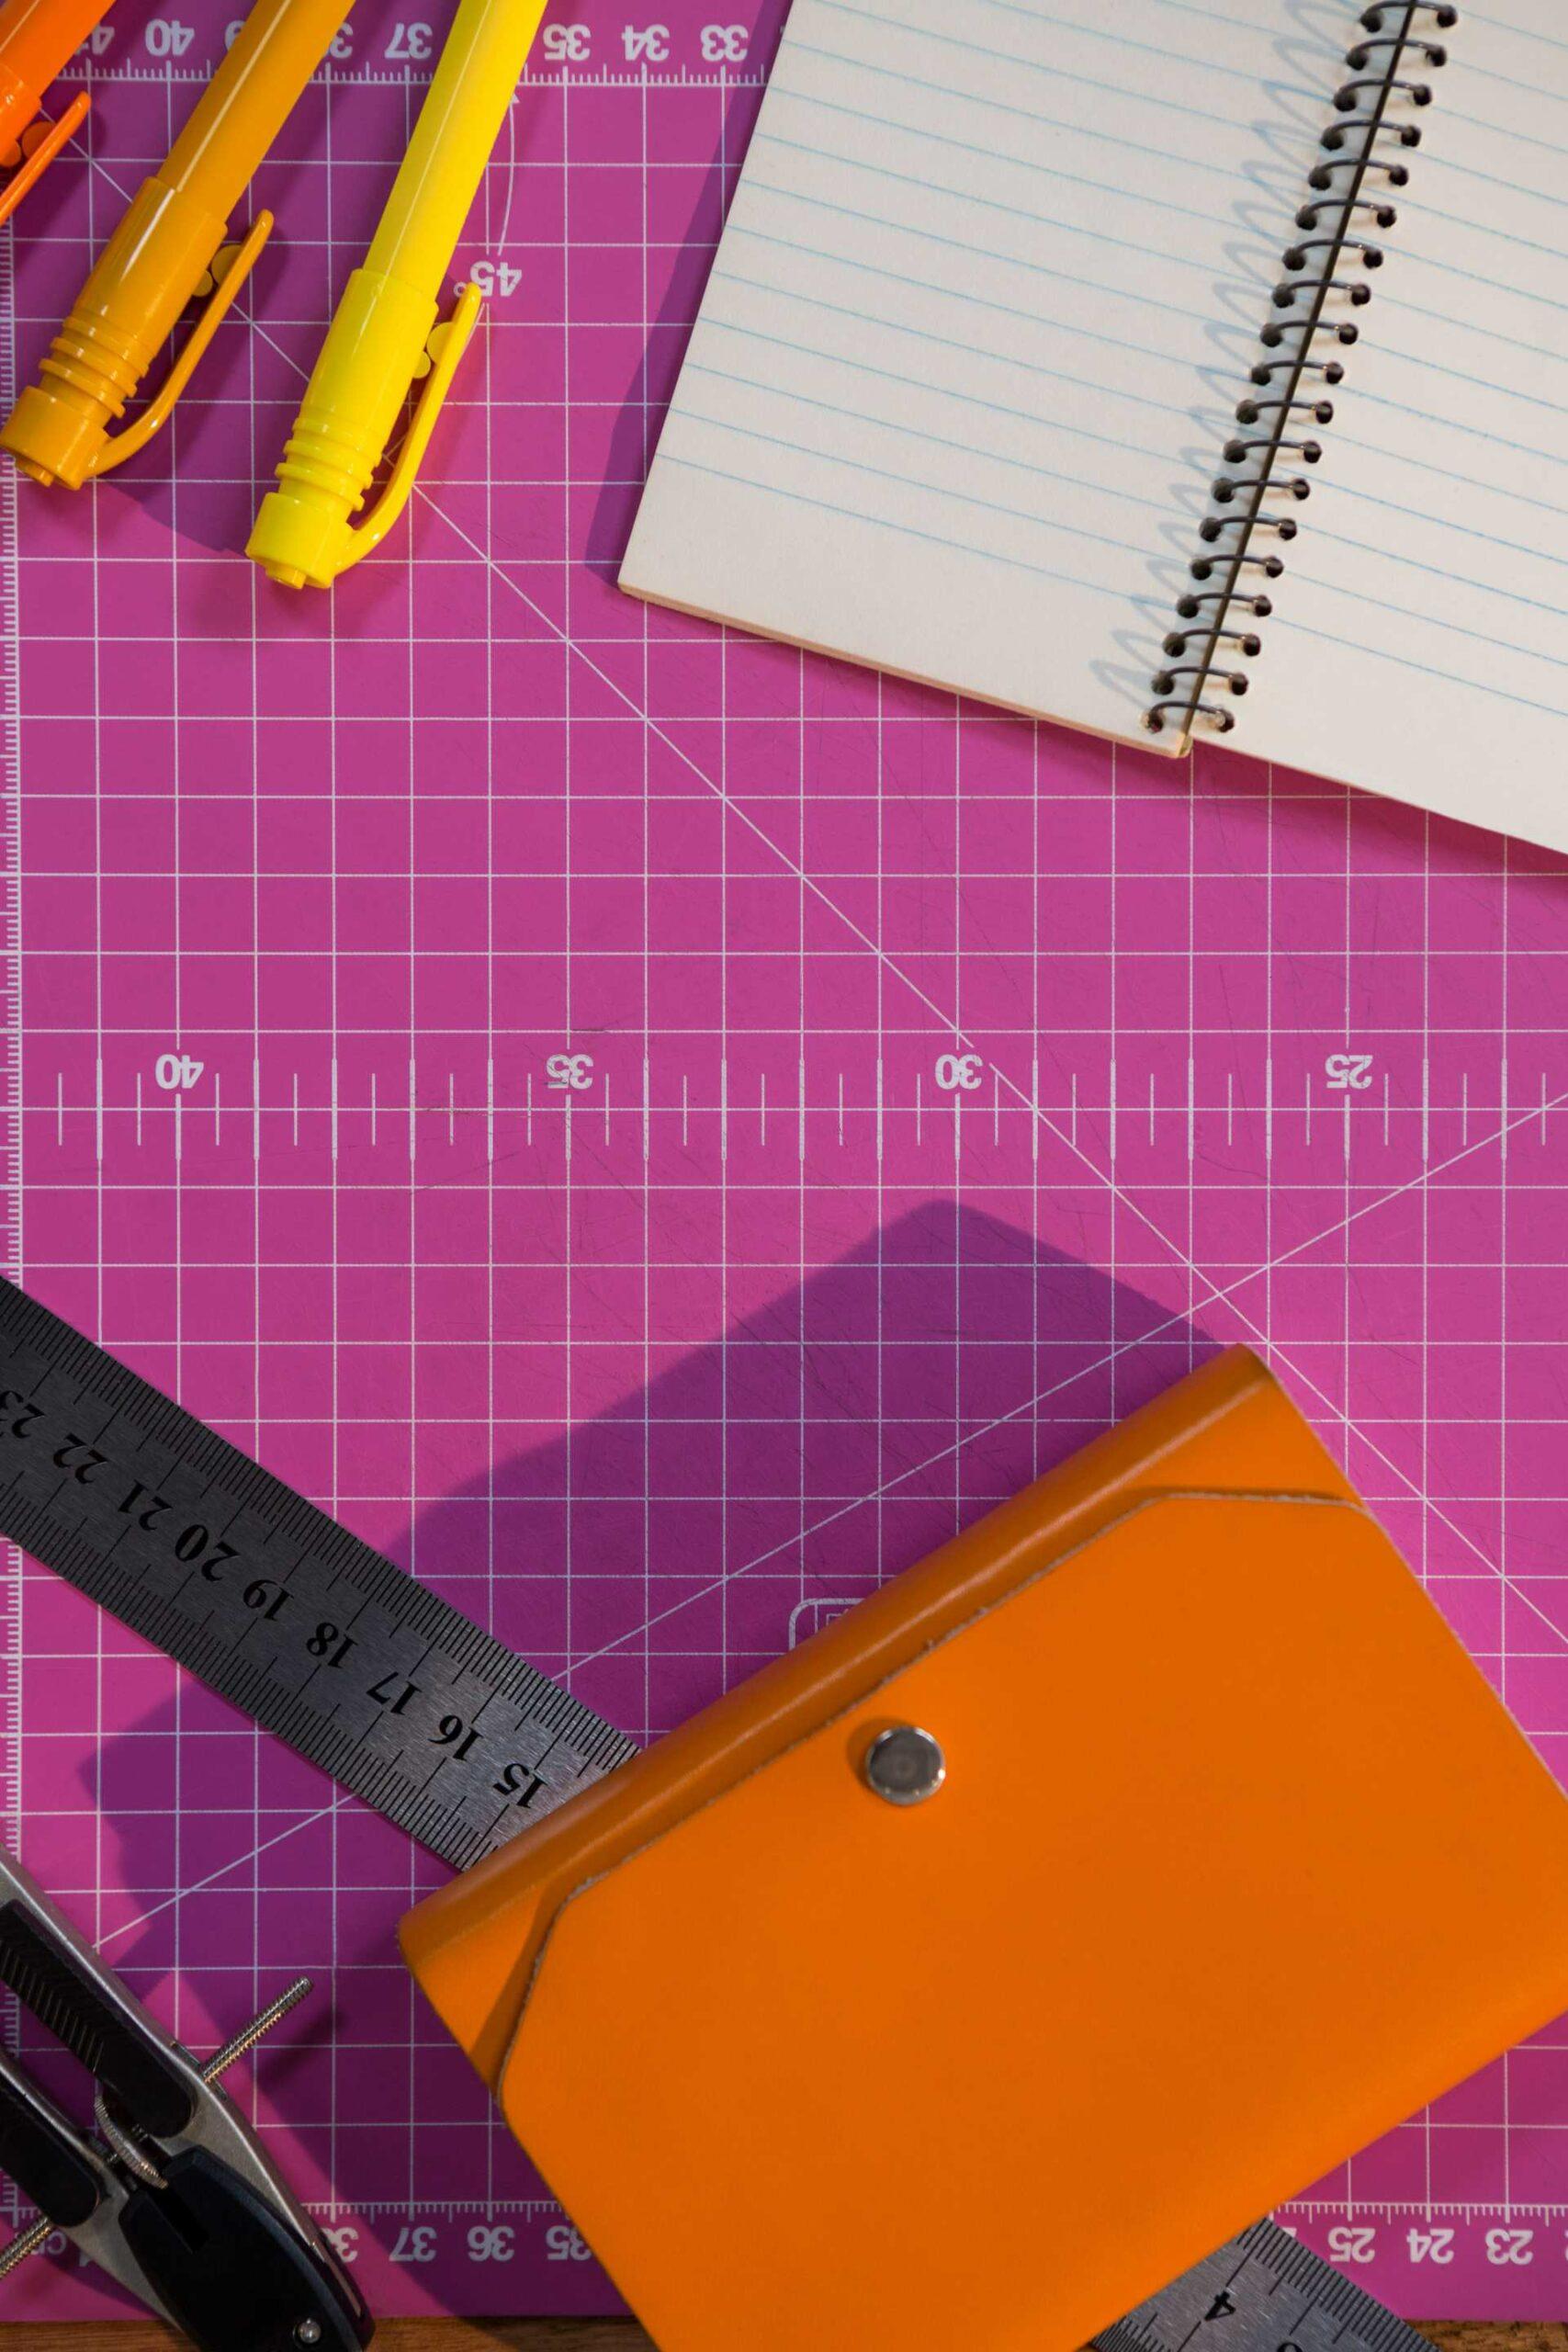 une table avec des feuilles et des stylos pour travailler